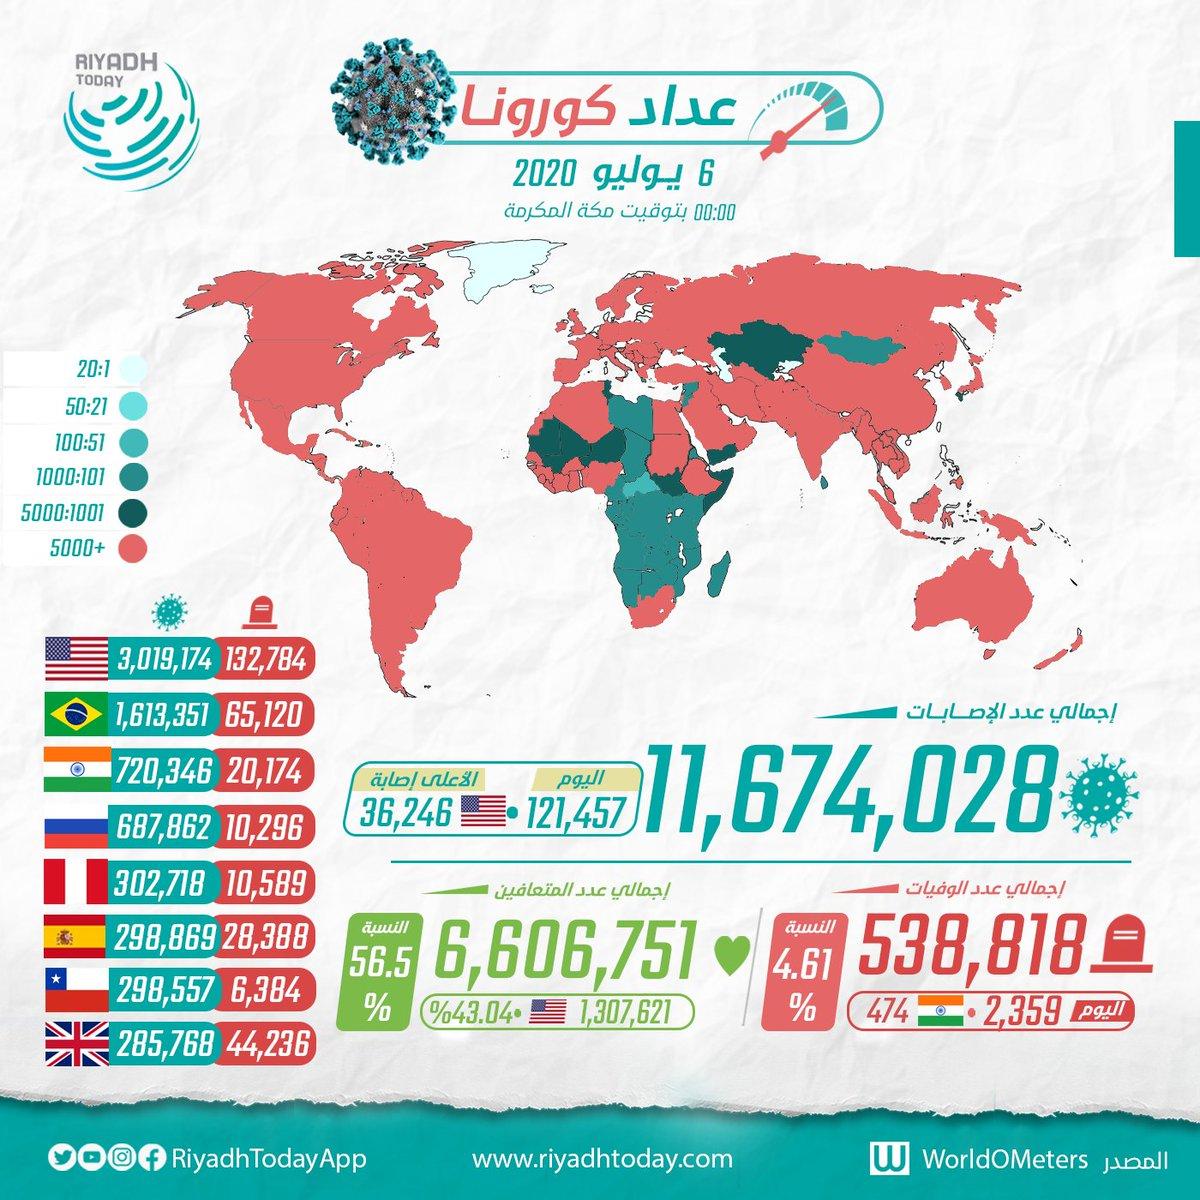 #فيروس_كورونا .. خريطة انتشار الوباء وأحدث الأرقام المسجّلة 🌍😷  - #الطاعون_الدملي  #اليوم_العالمي_للحب https://t.co/JIv0uCyadZ